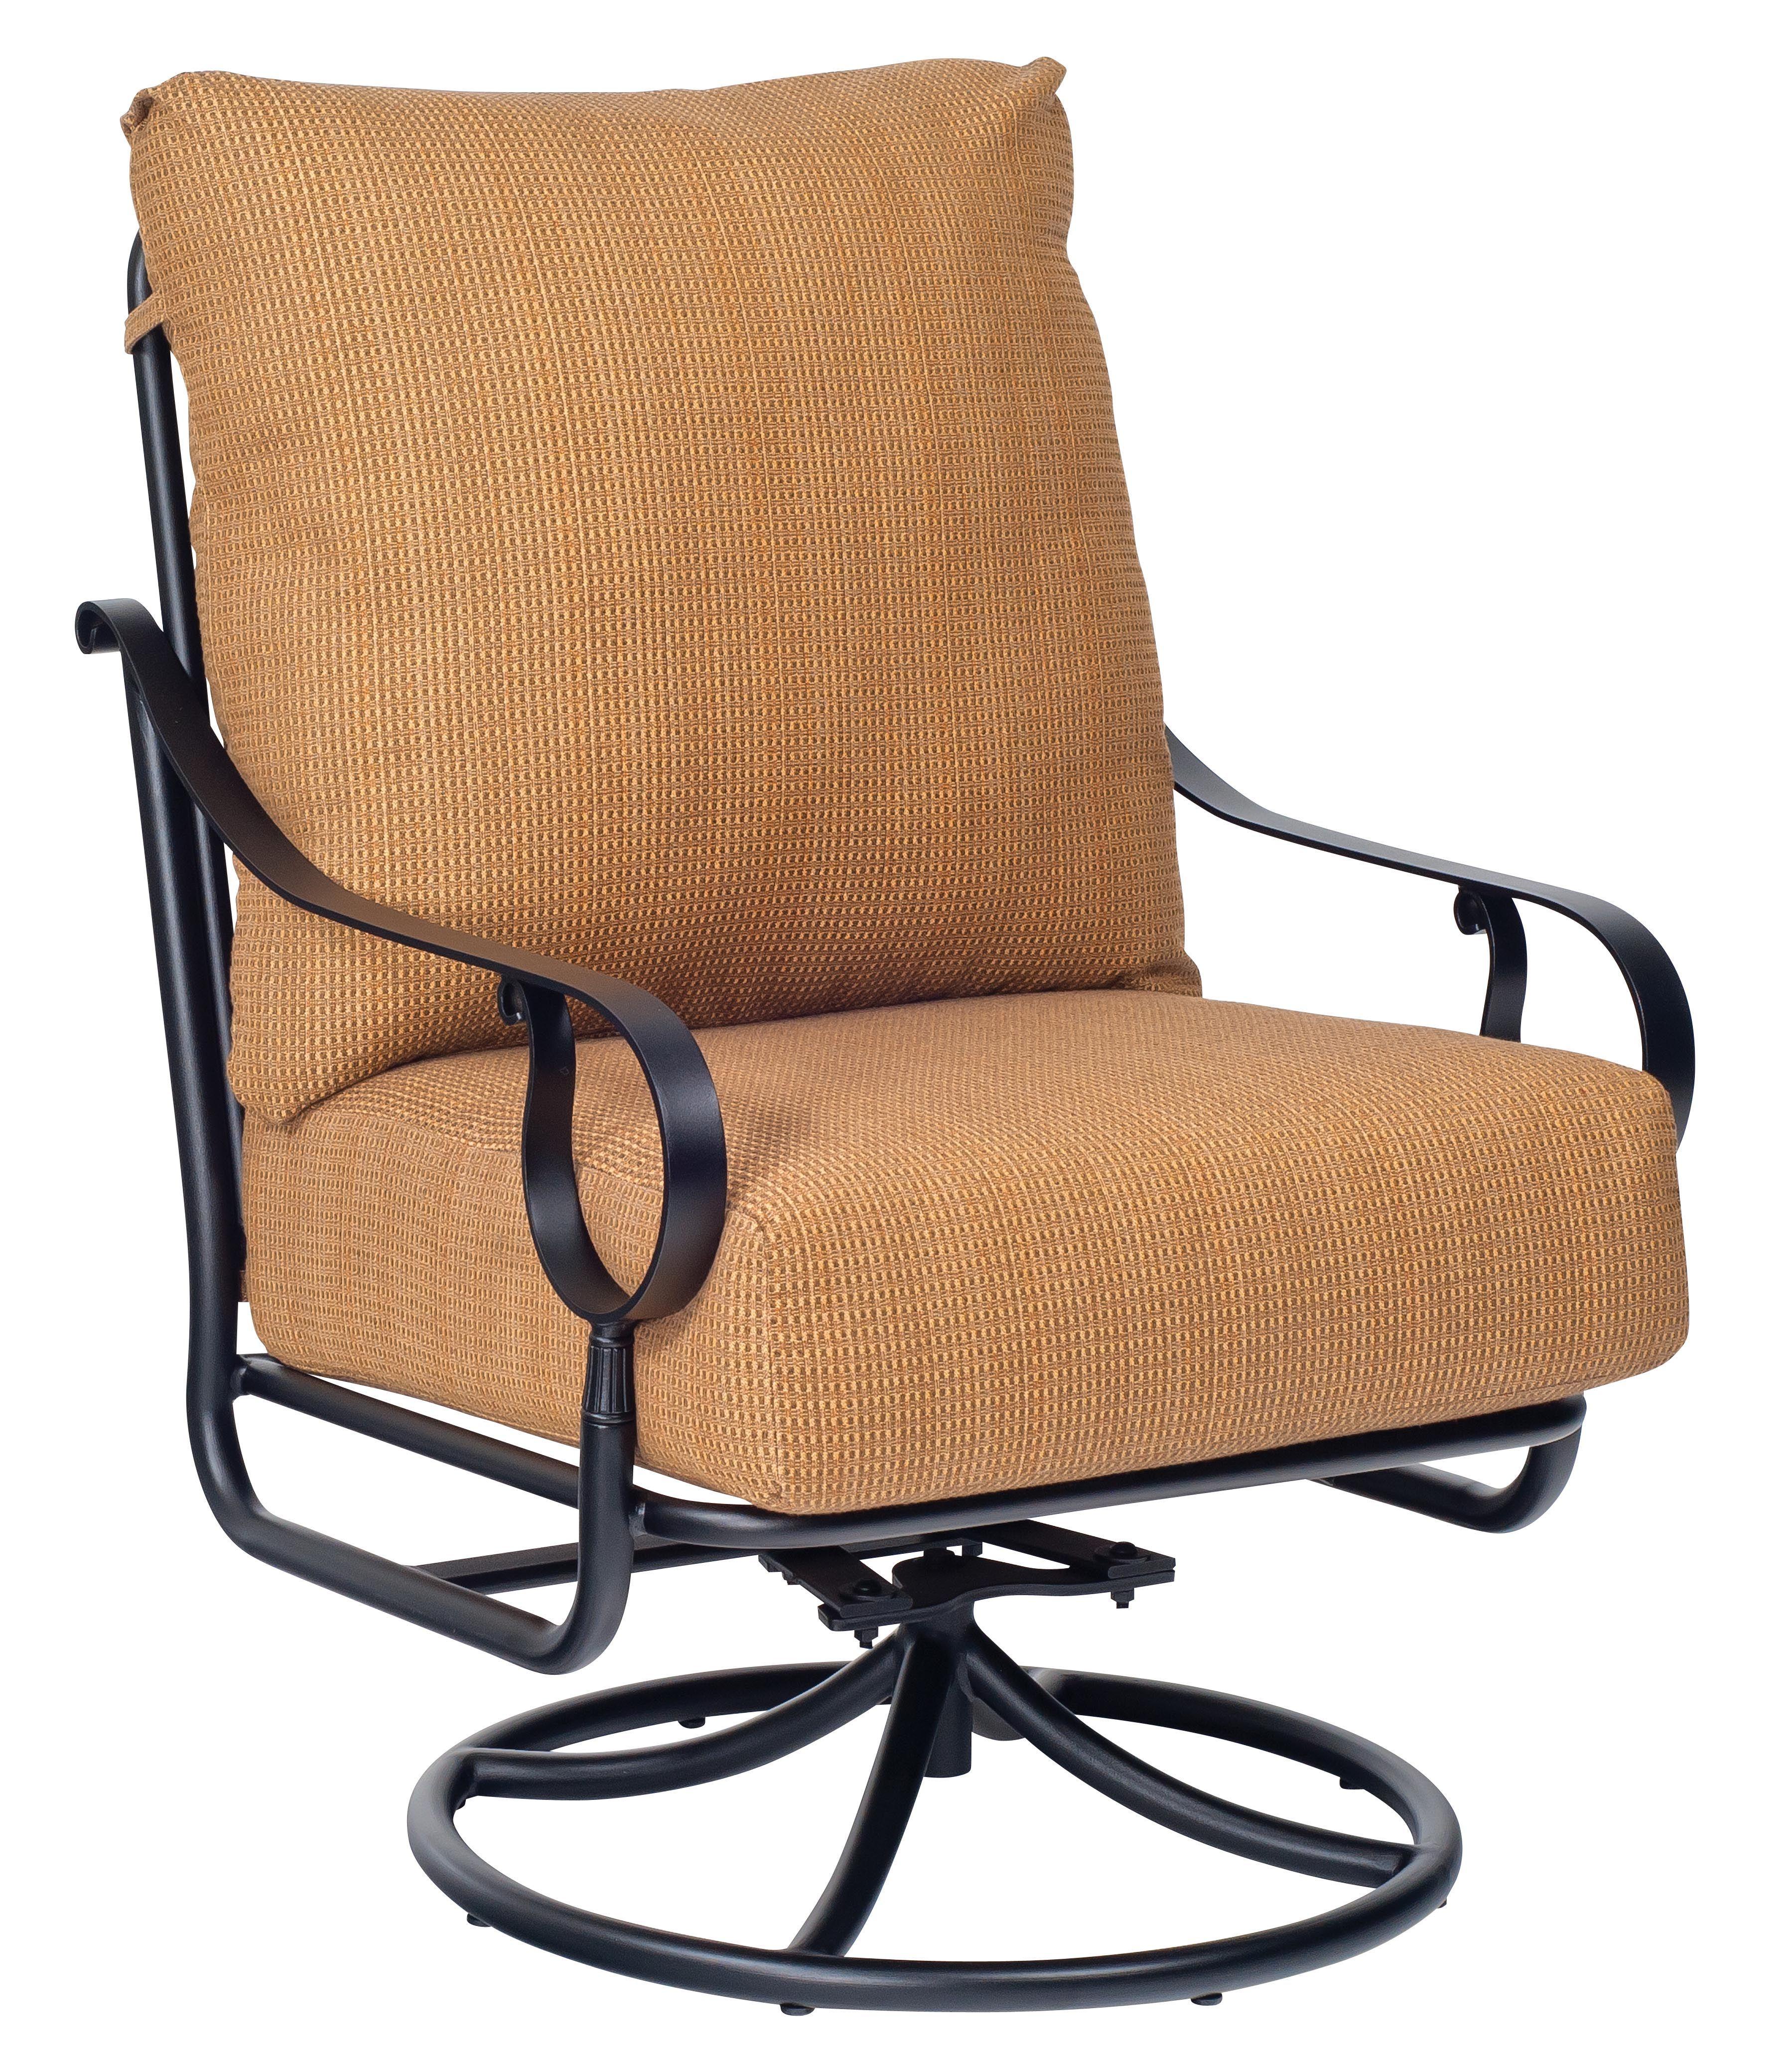 Ridgecrest Cushion Extra Large Swivel